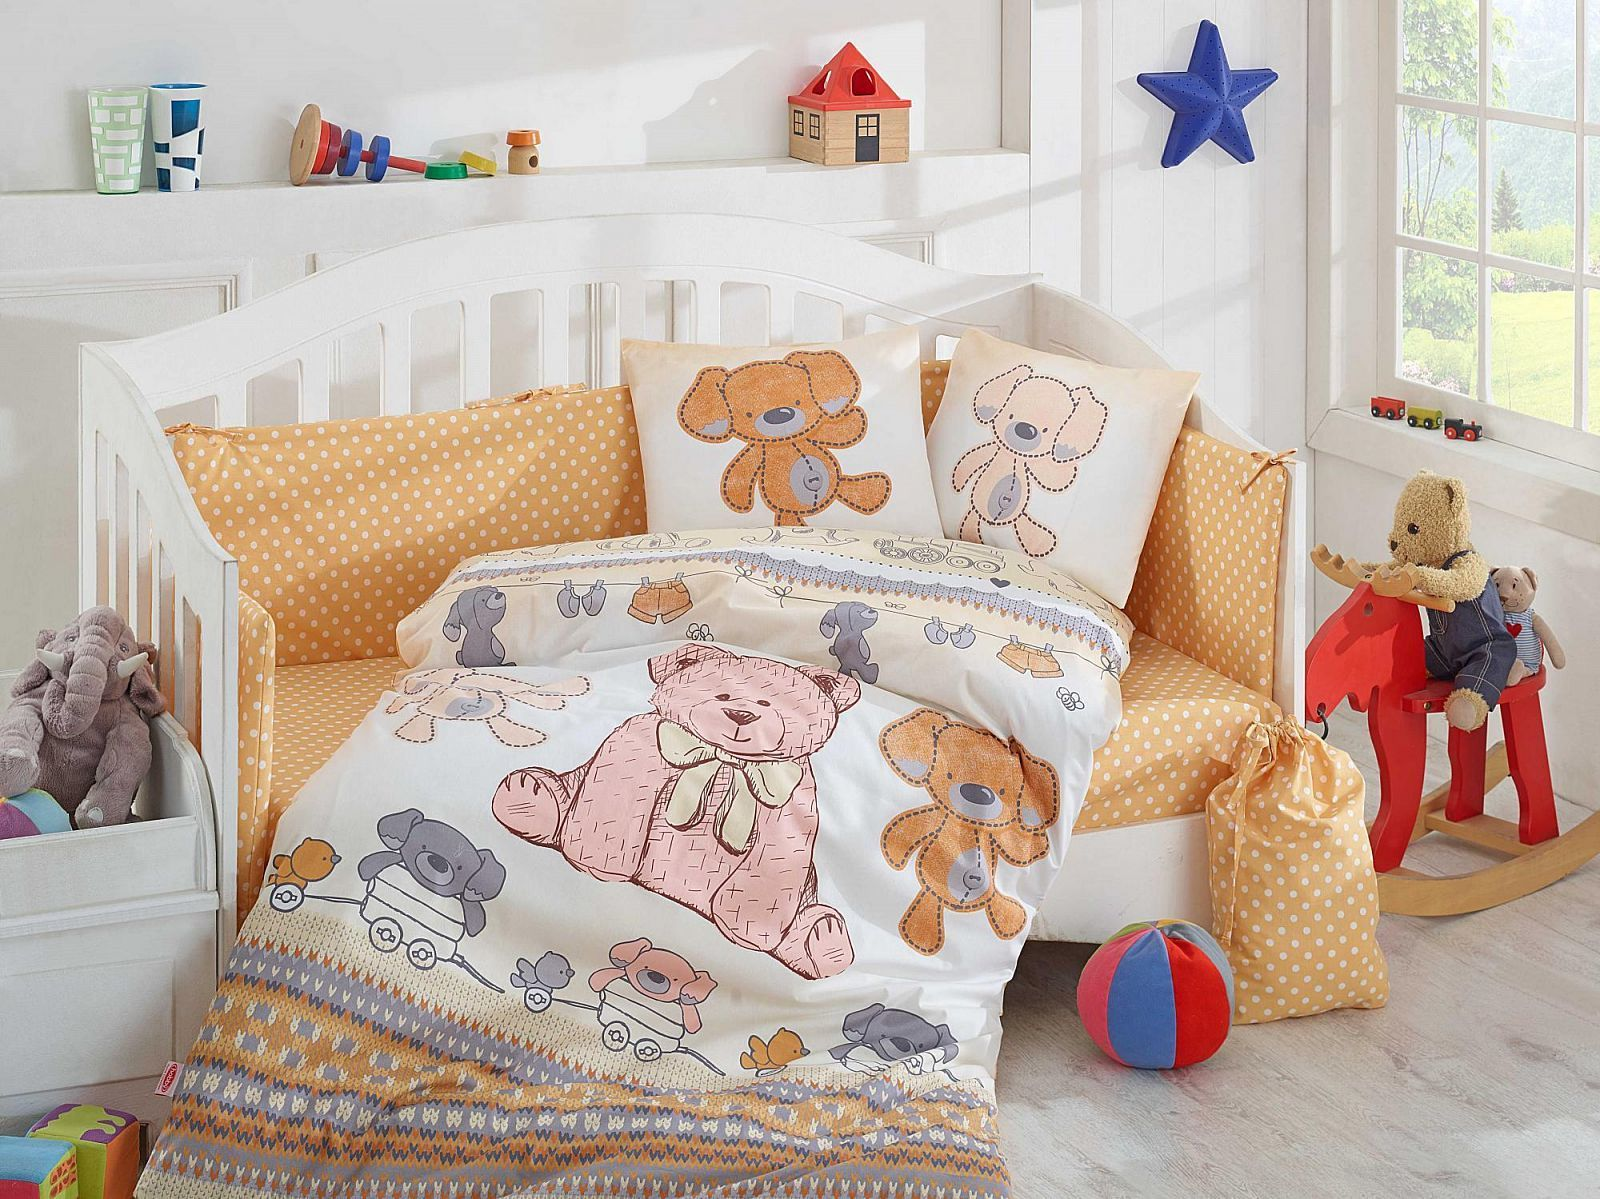 Какое постельное белье выбрать для новорождённого?